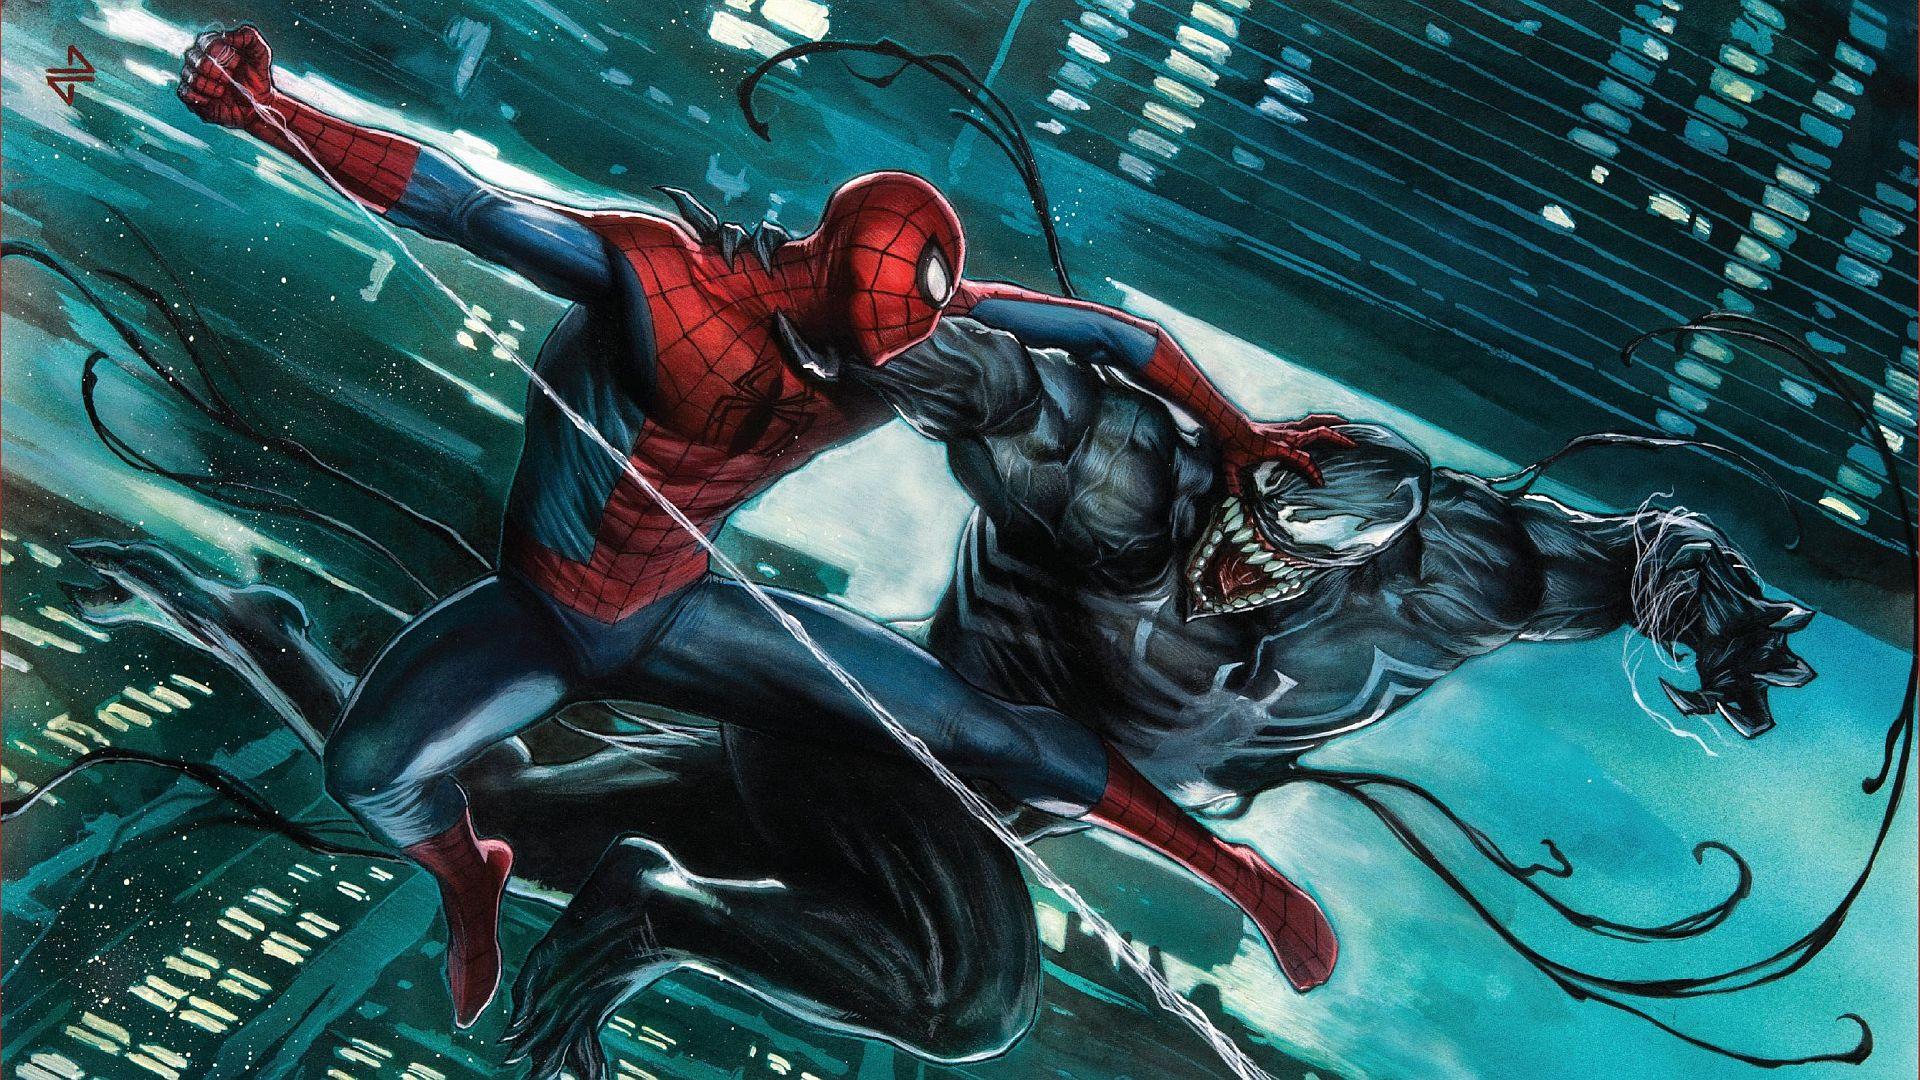 Человек-паук и Веном могут встретиться в будущем фильме ...